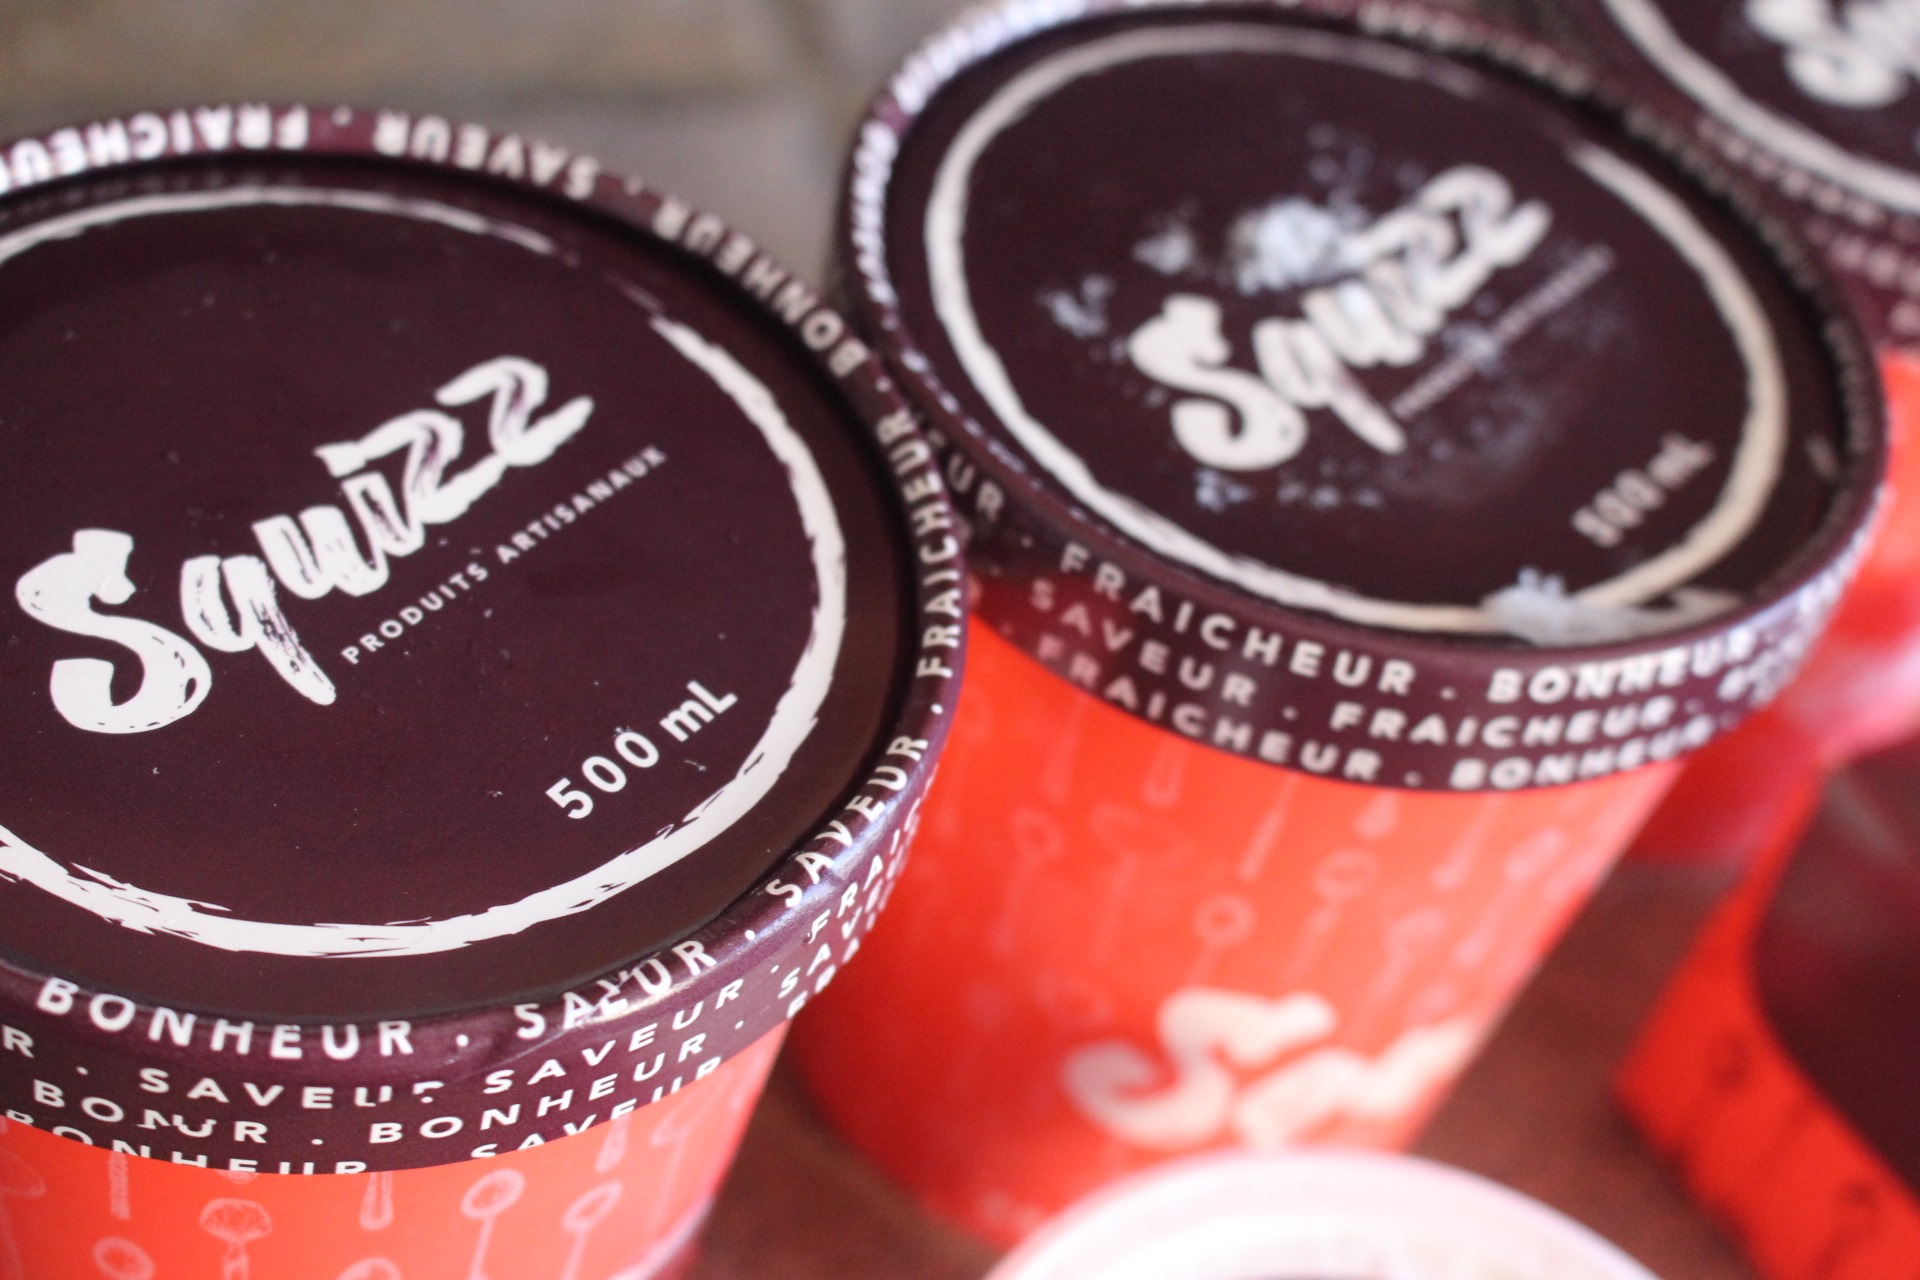 Squizz crème glacée